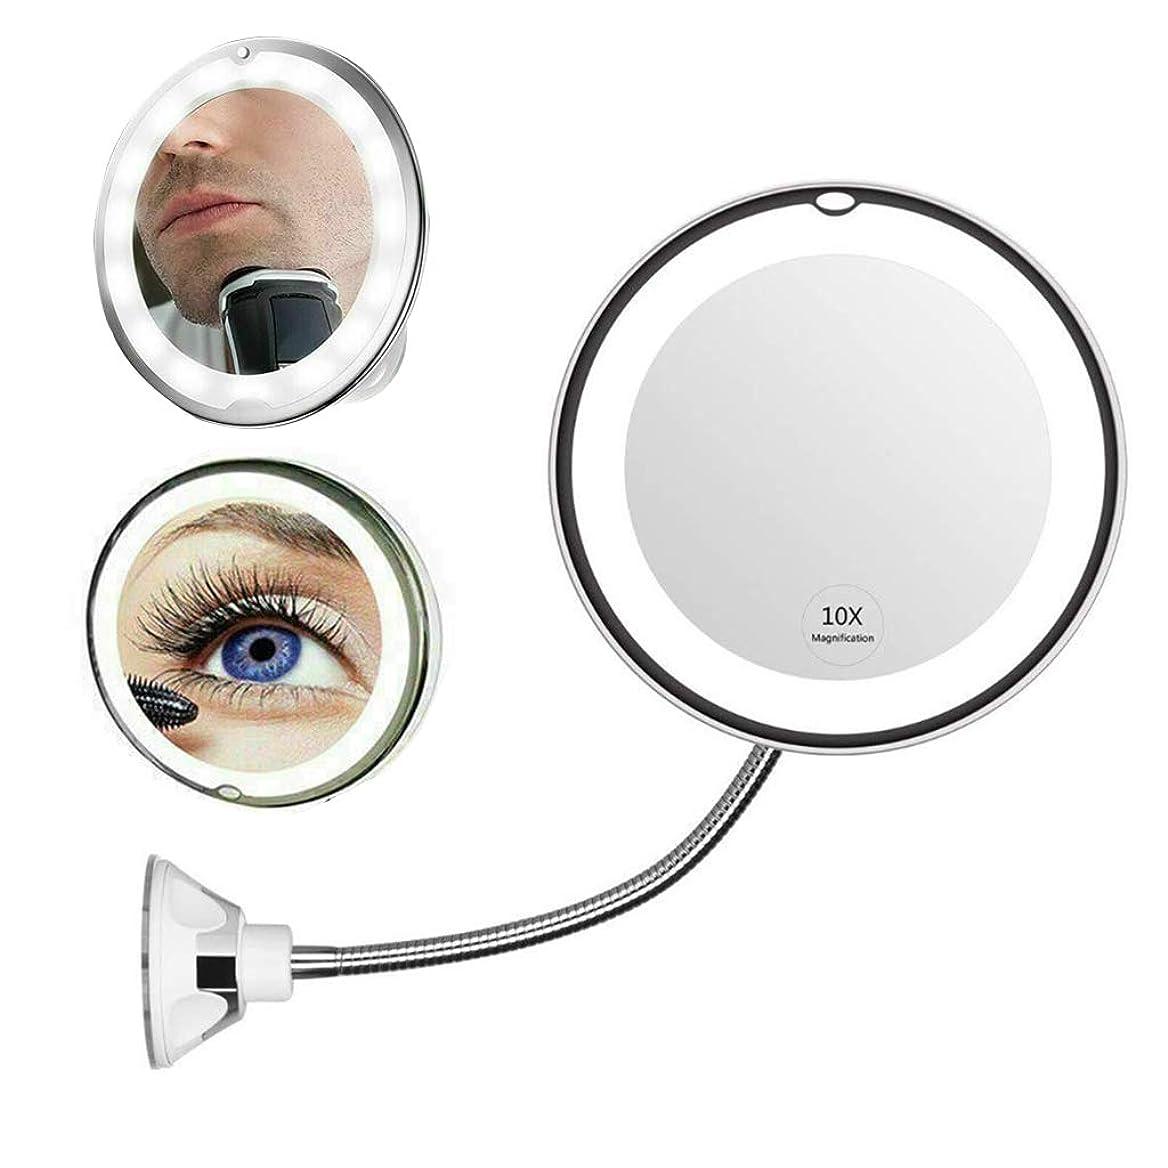 フォーマット受け取るブローホールVanity Mirror 10X拡大化粧鏡LED照明付き化粧鏡フィルライトナイトランプ、360°スイベル&ホームシャワー用サクションカップバスルーム